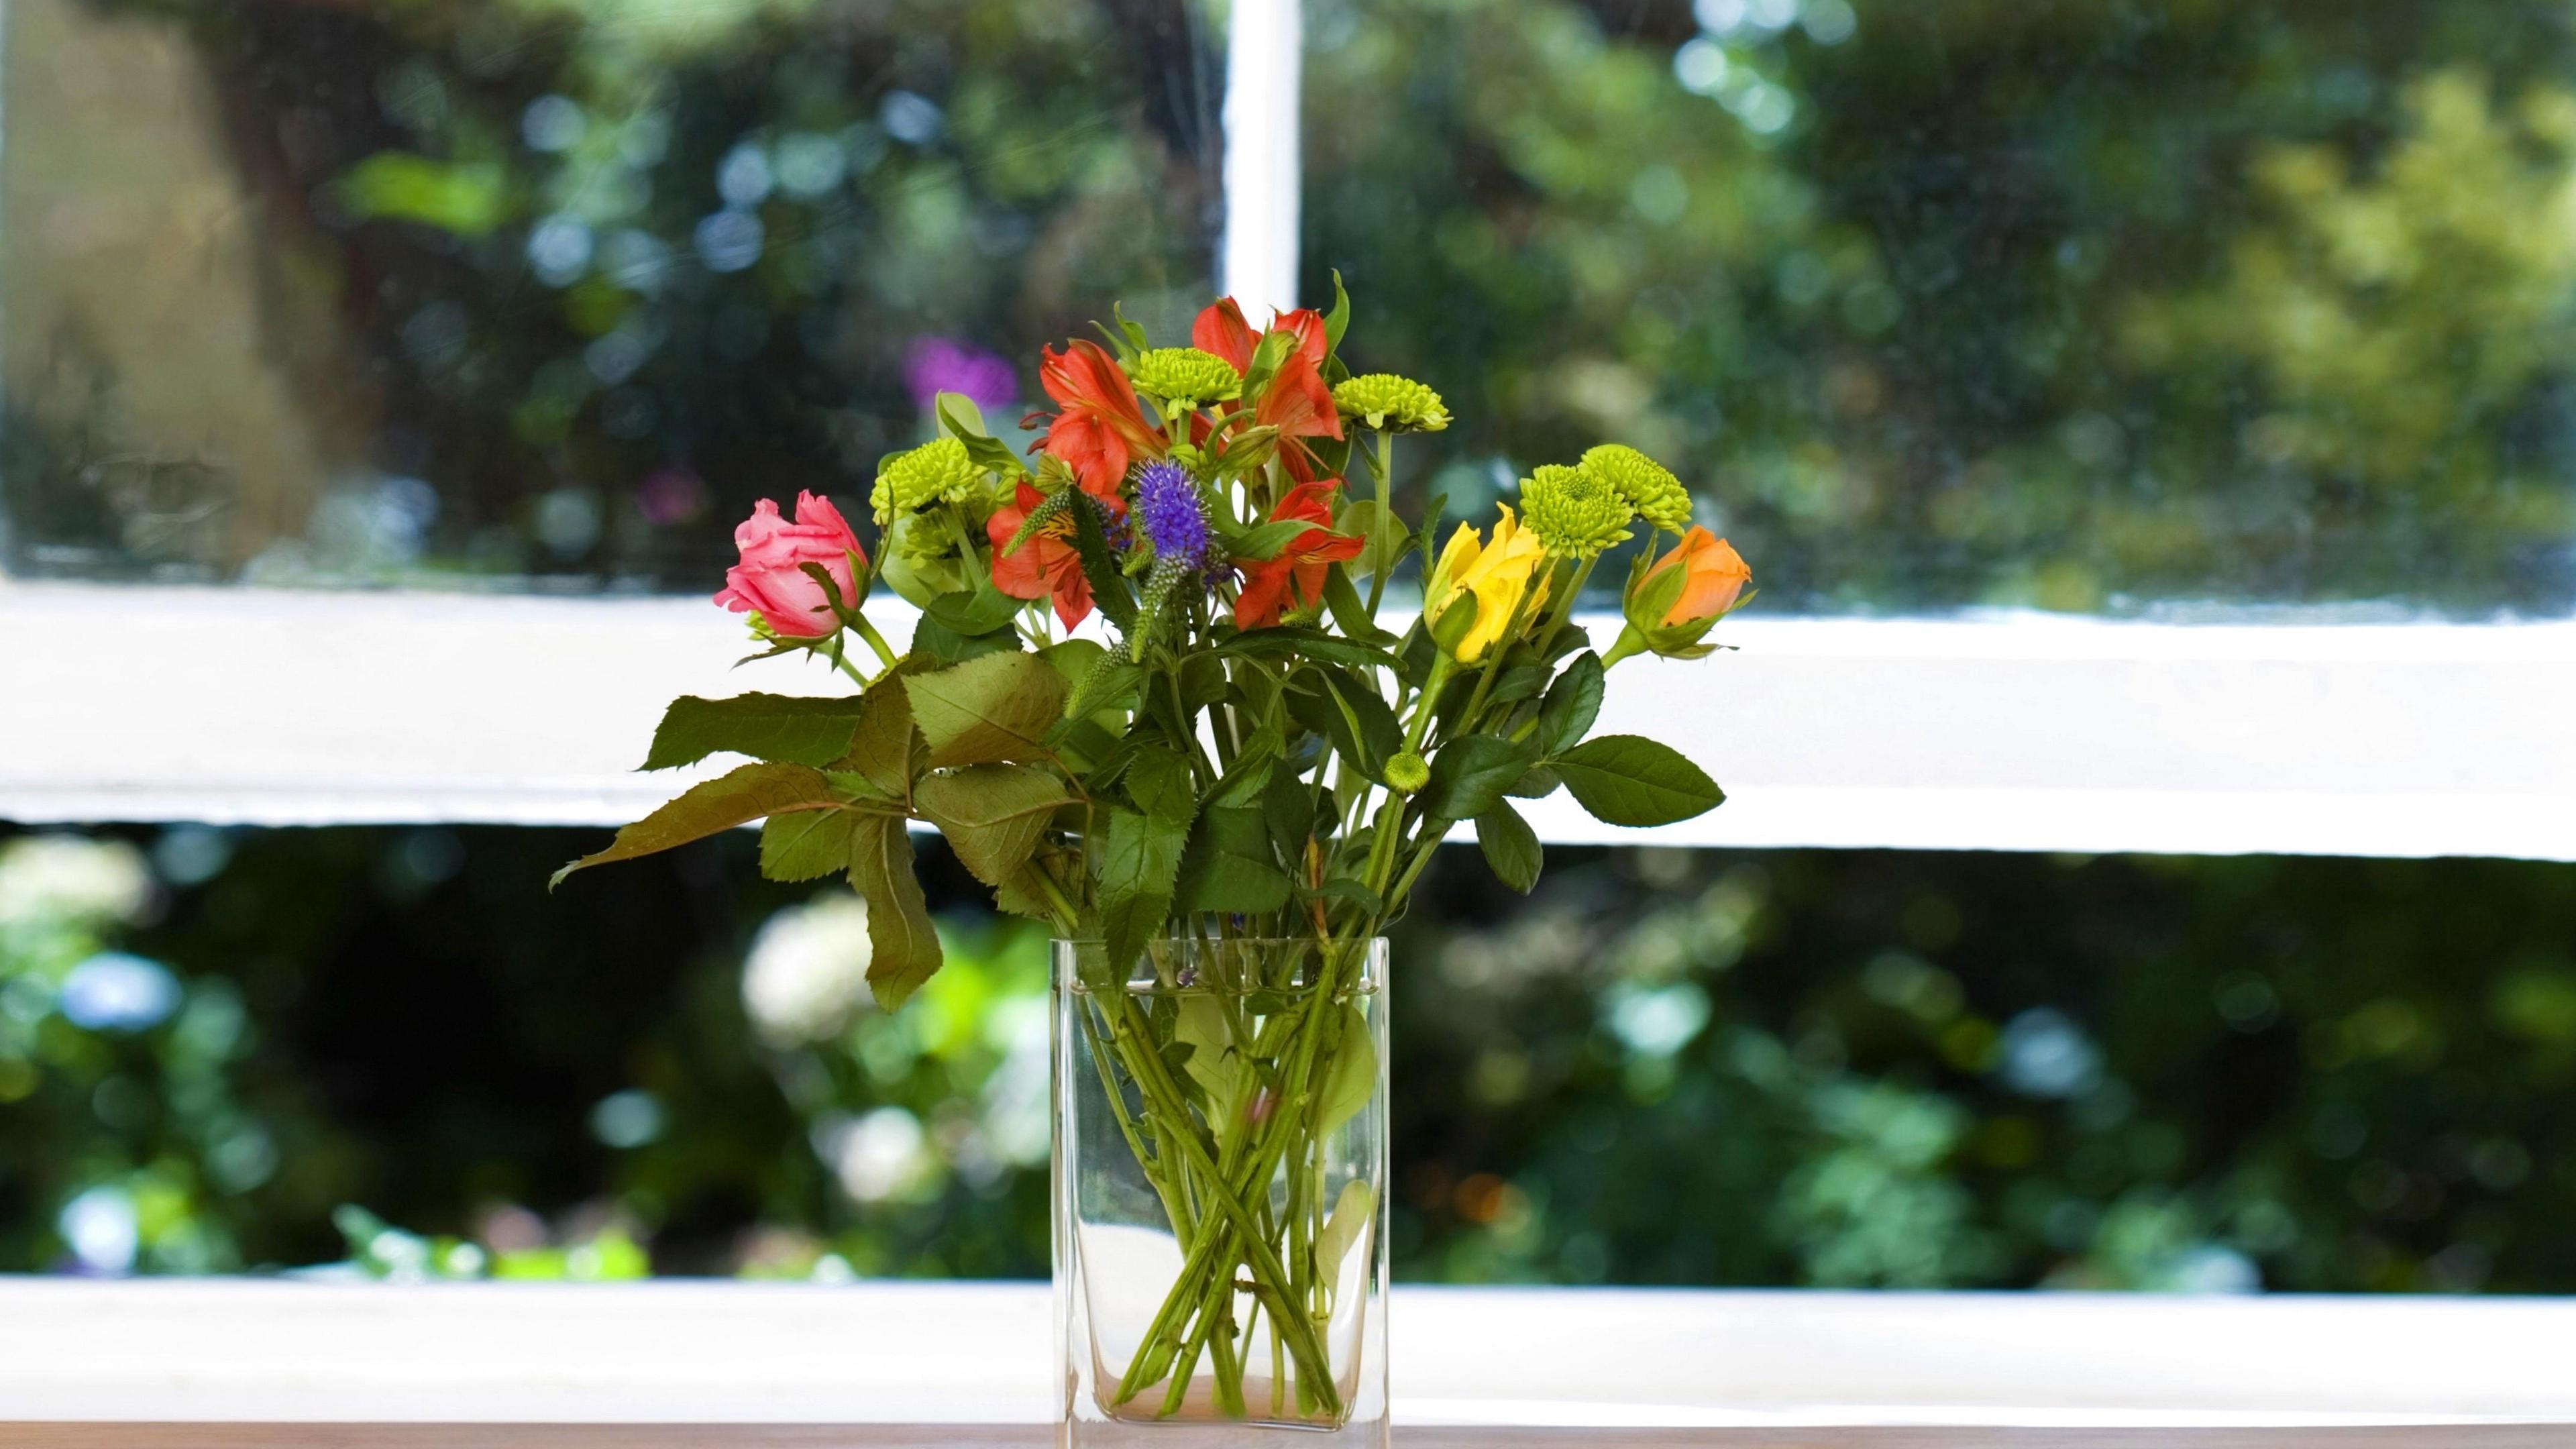 roses flowers small vase box 4k 1540064198 - roses, flowers, small, vase, box 4k - Small, Roses, Flowers